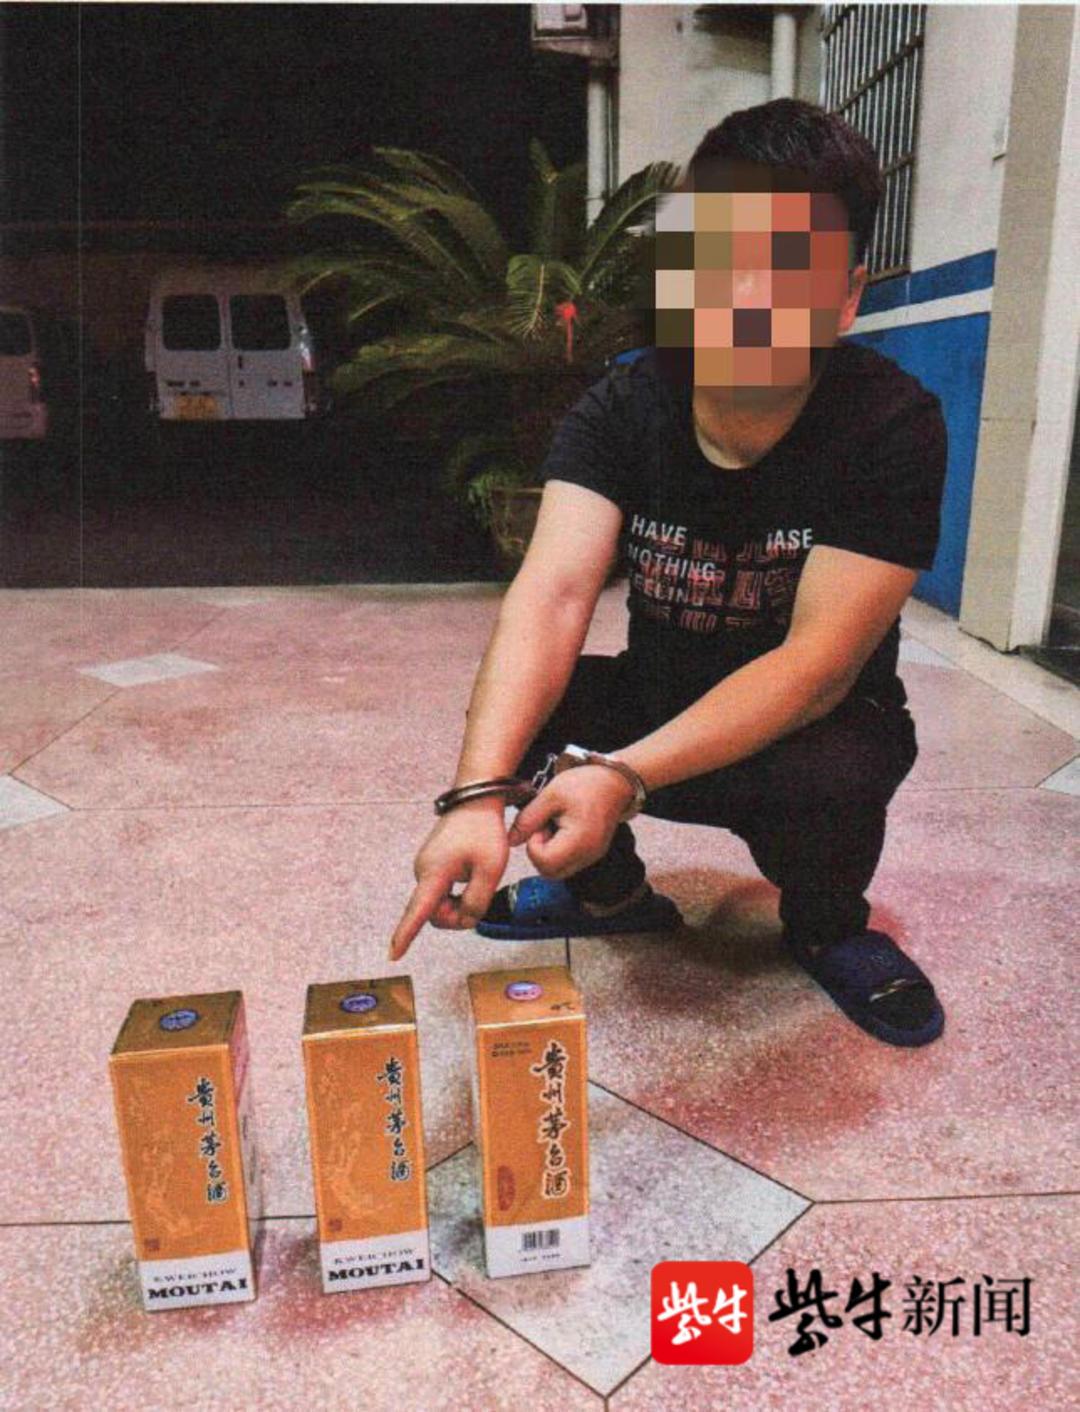 男子网上学盗窃 偷了10箱茅台酒